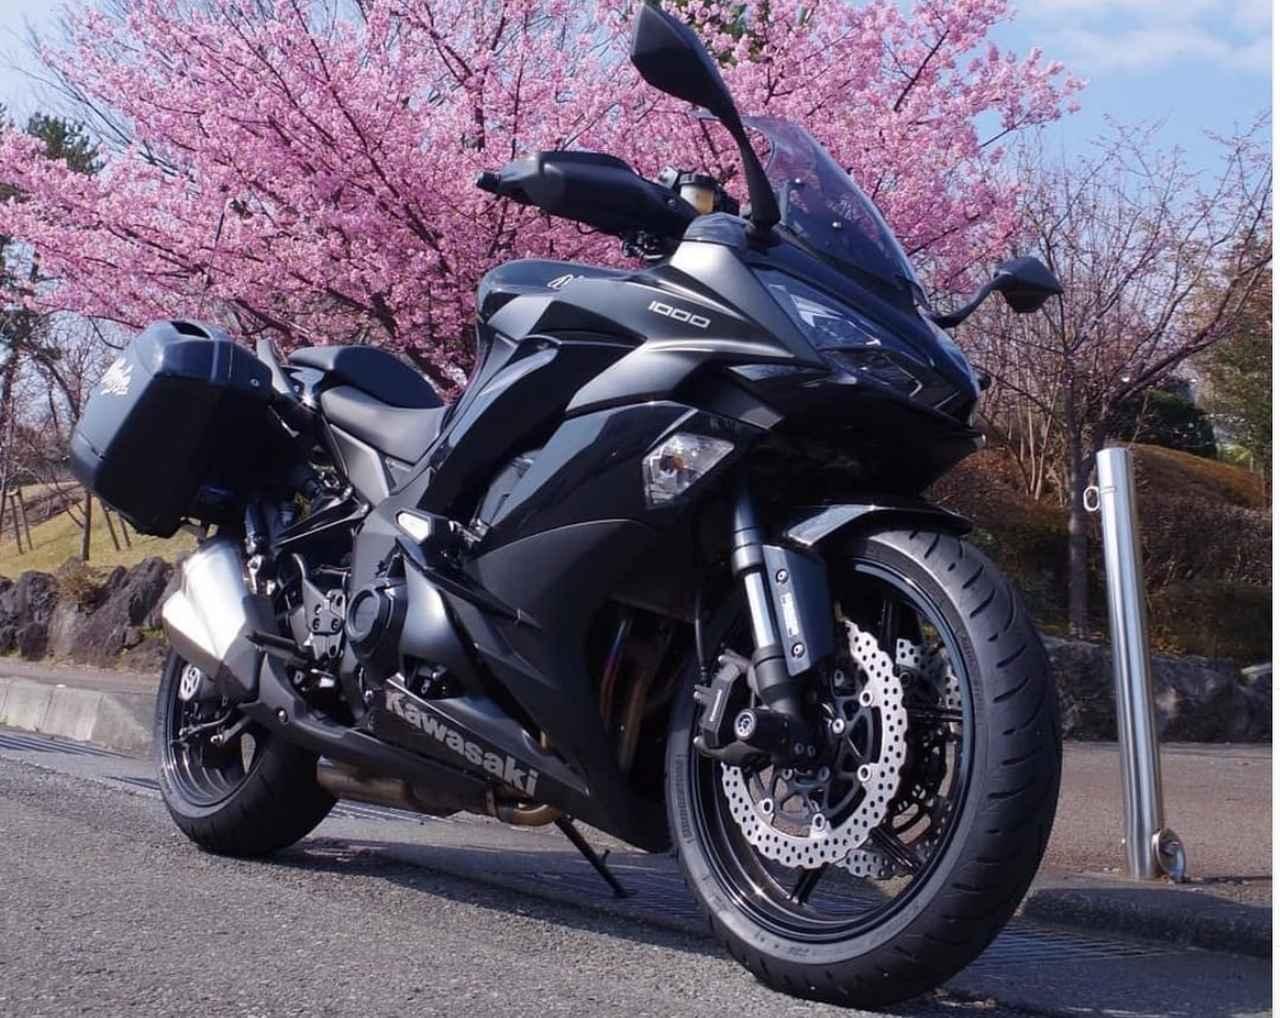 画像: 凛々と立つブラックカラーのカワサキ Ninja1000!【グラカワインスタ投稿紹介vol.52】 - LAWRENCE - Motorcycle x Cars + α = Your Life.